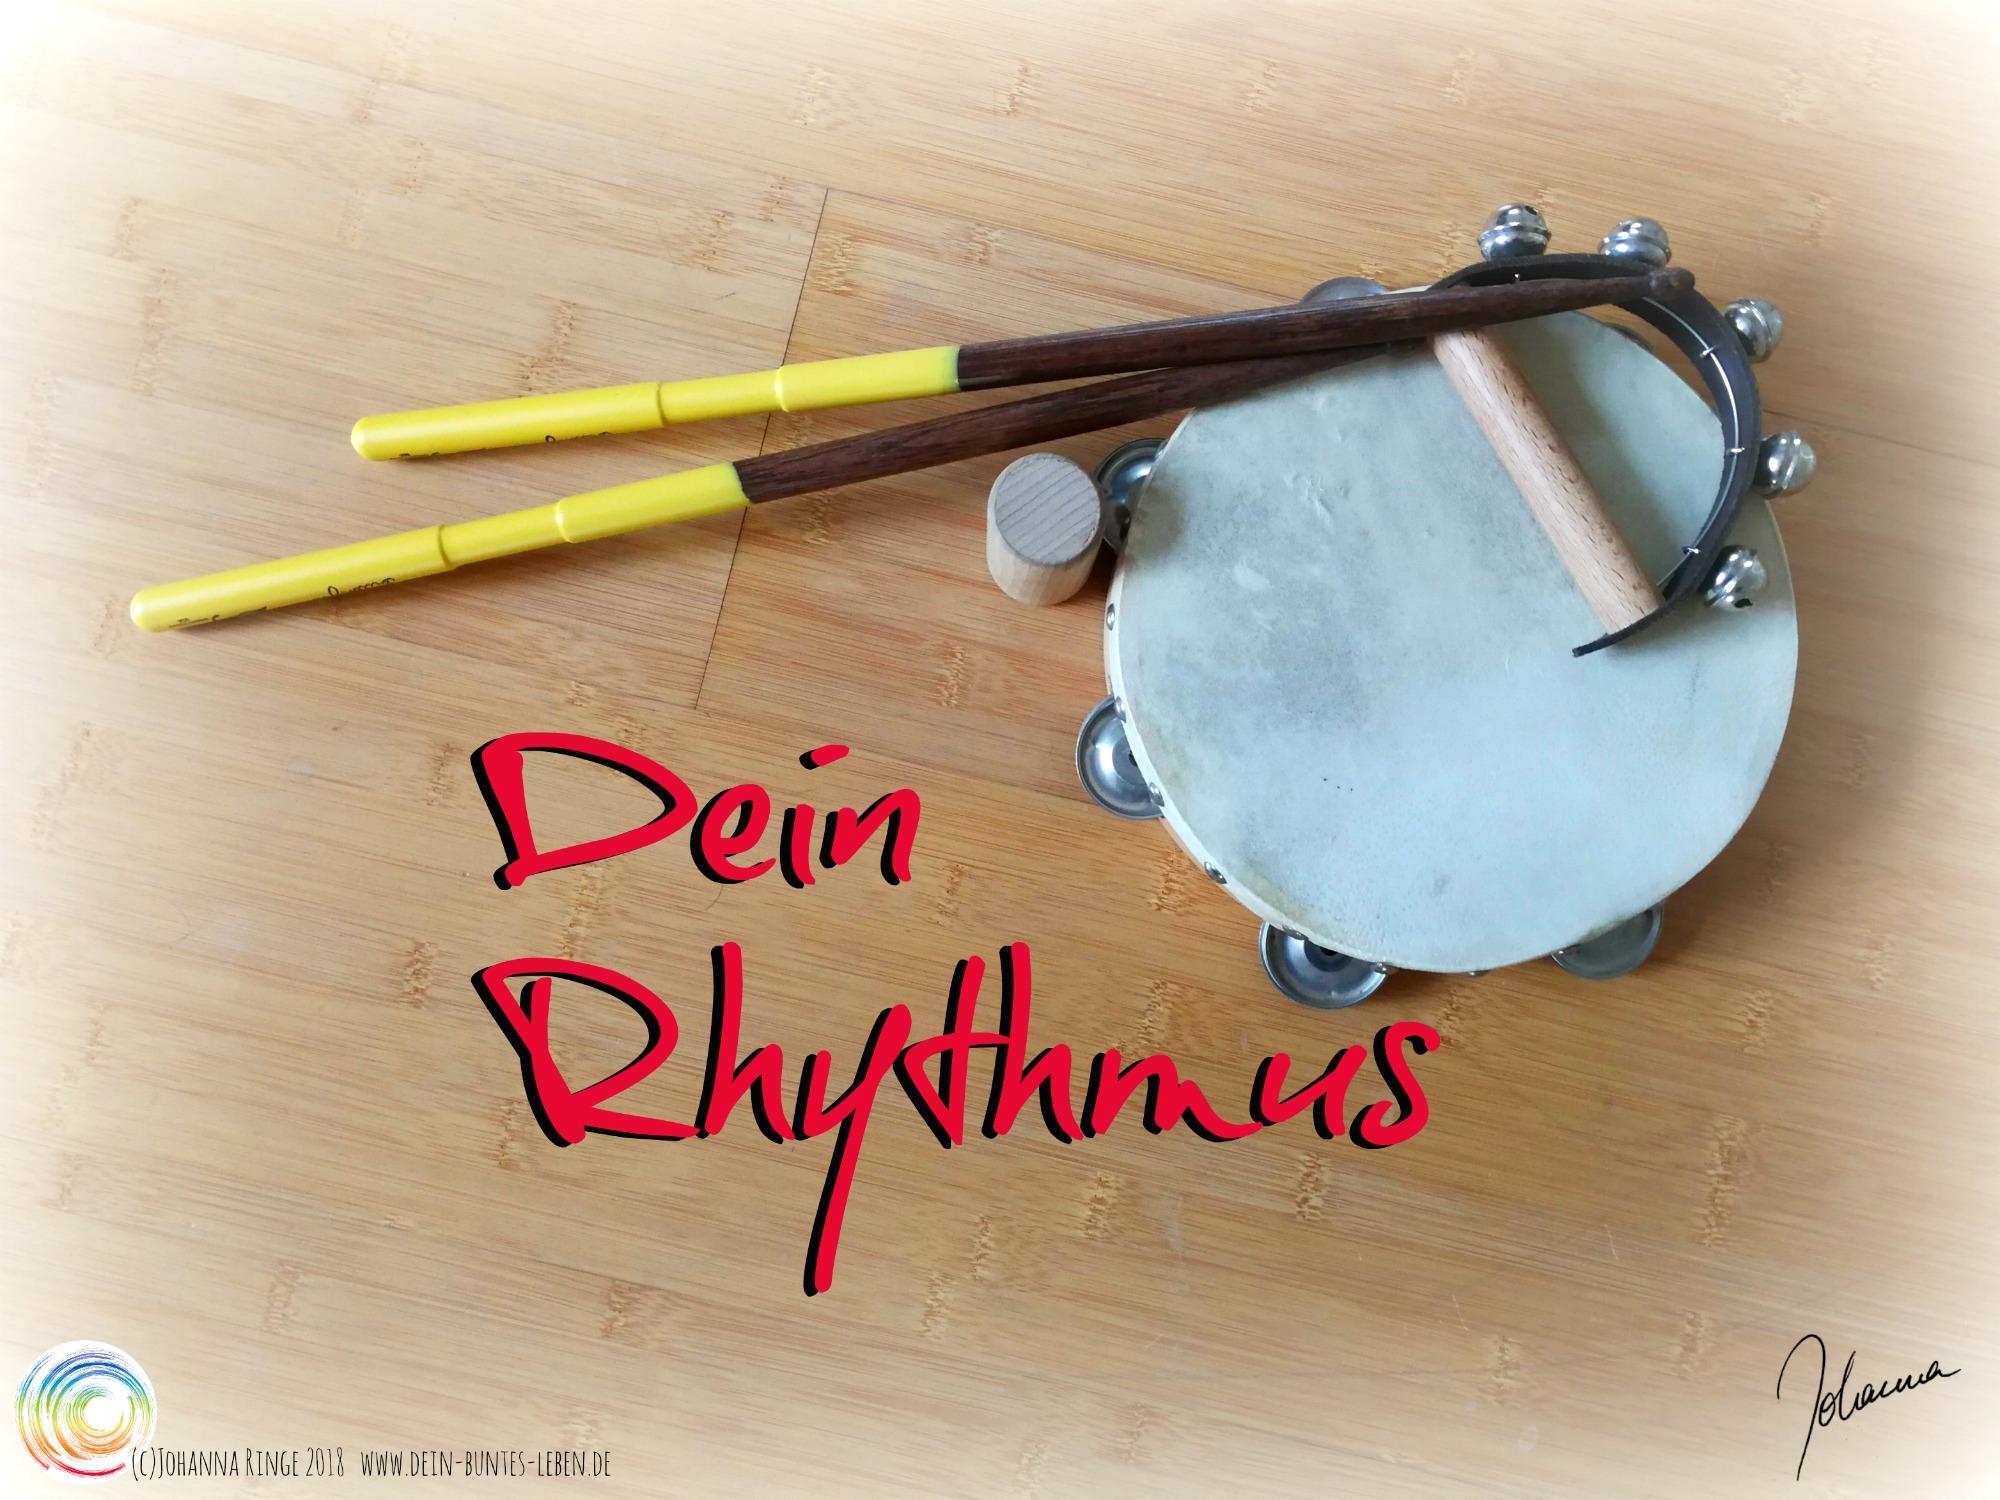 Dein Rhythmus: Trommelstöcke, Tamburin, Schellenkranz und Shaker. (c)Johanna Ringe 2018 www.dein-buntes-leben.de